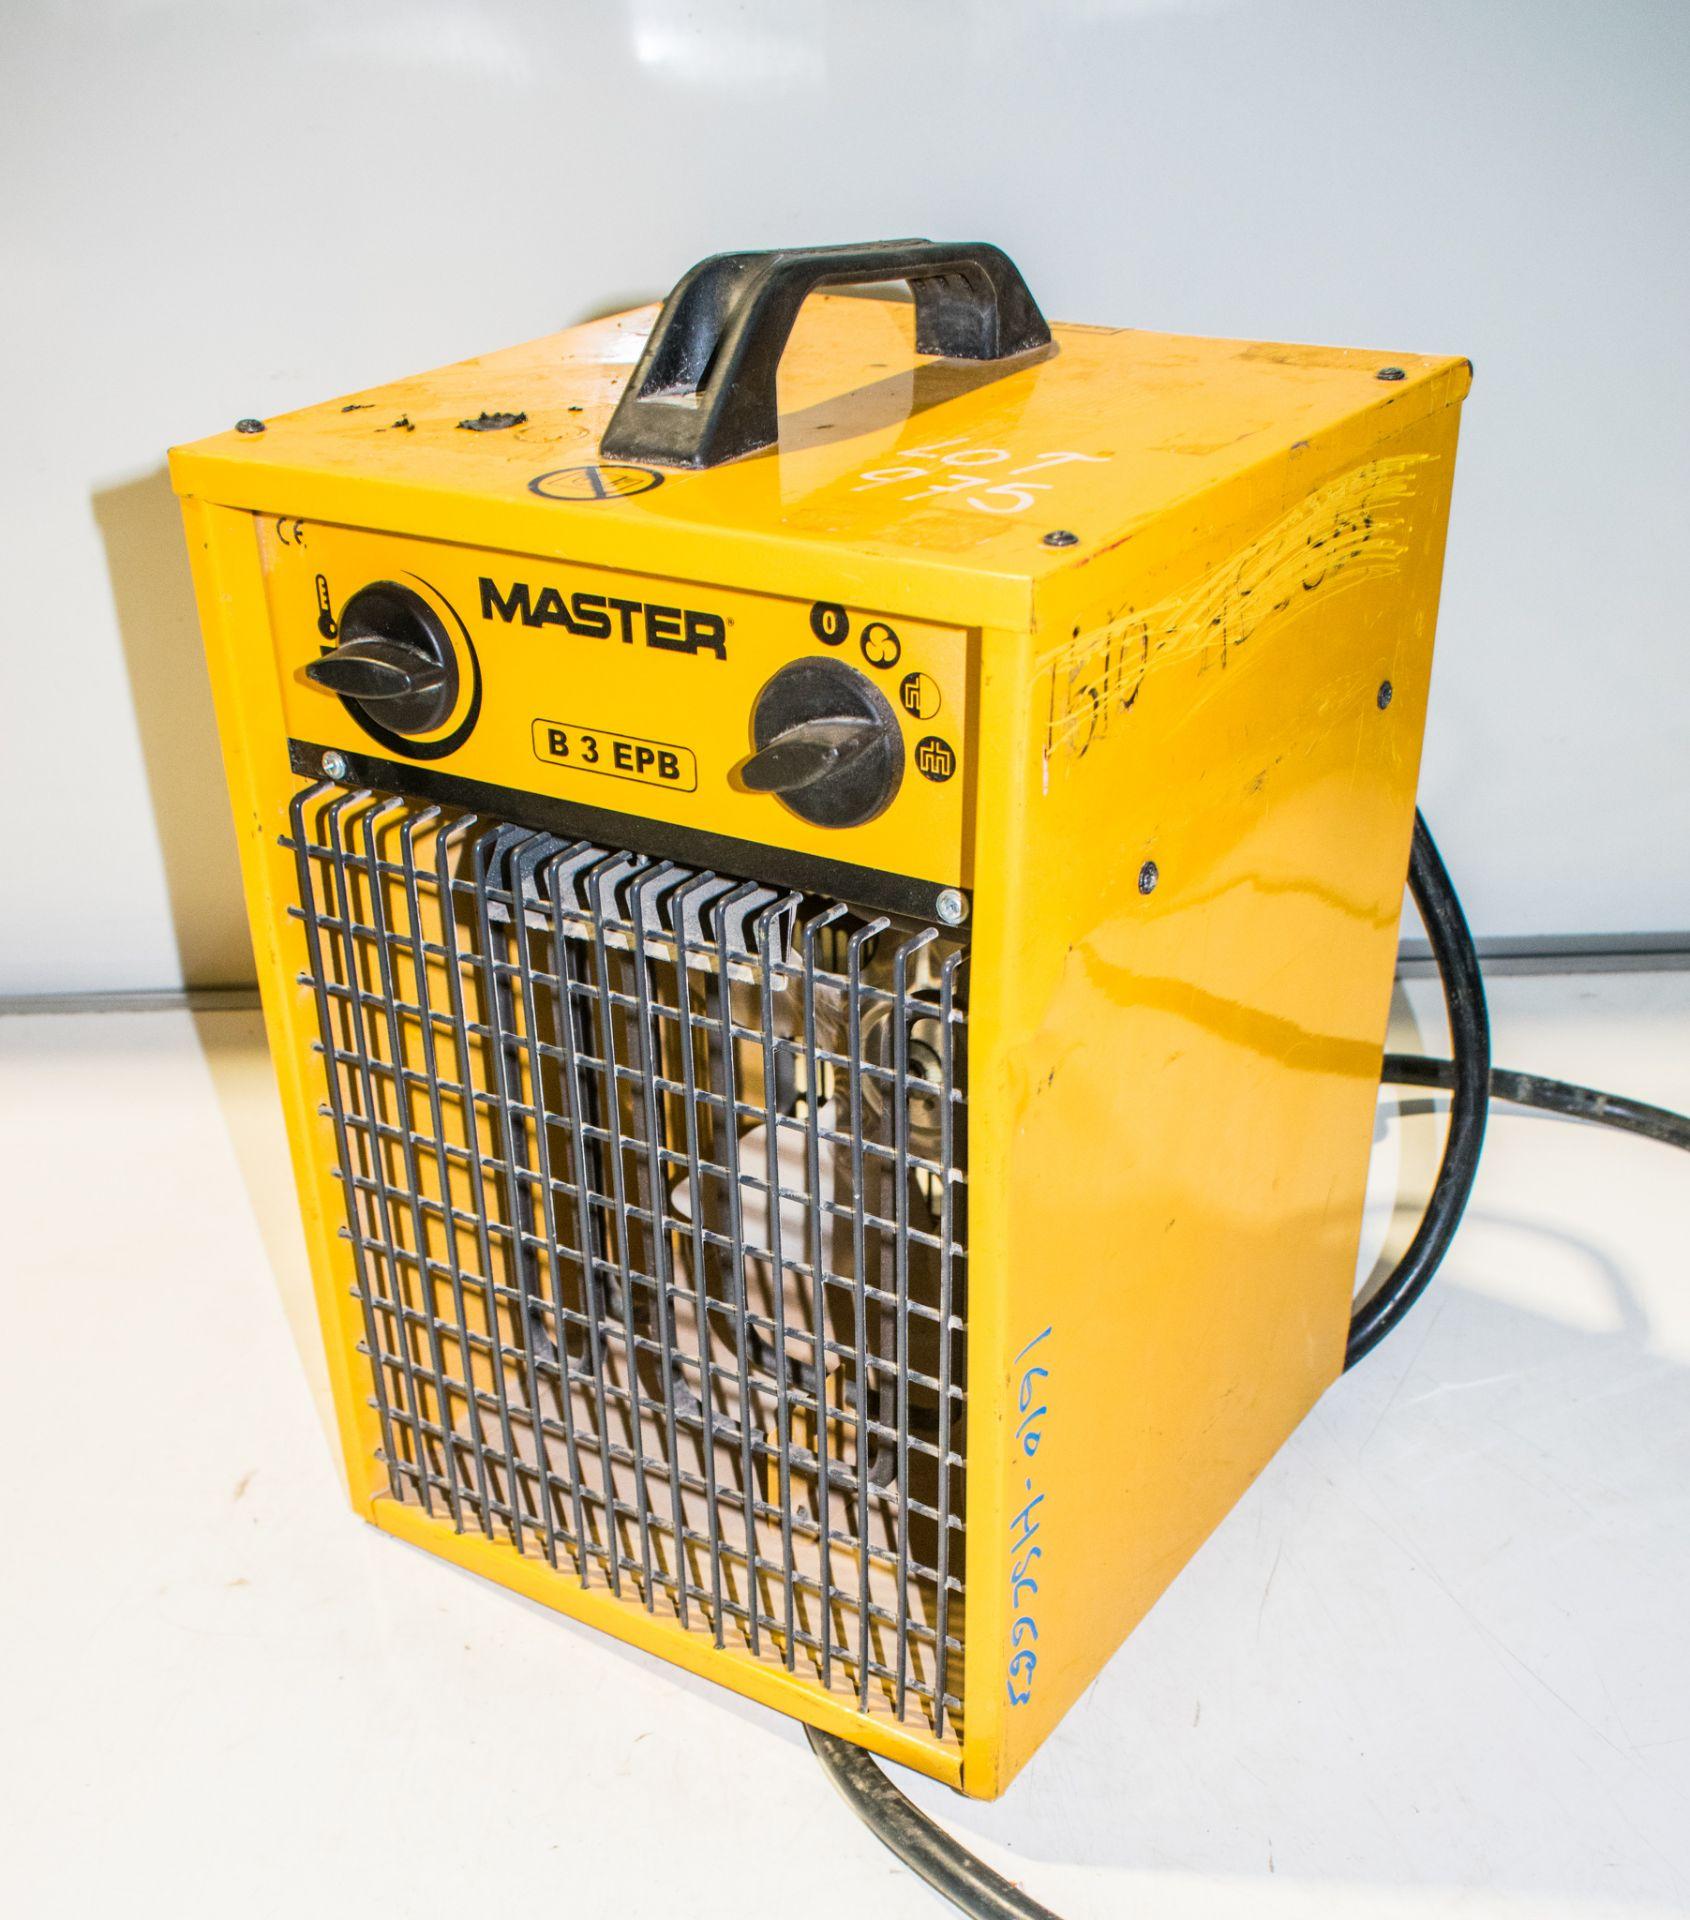 Master 110v fan heater